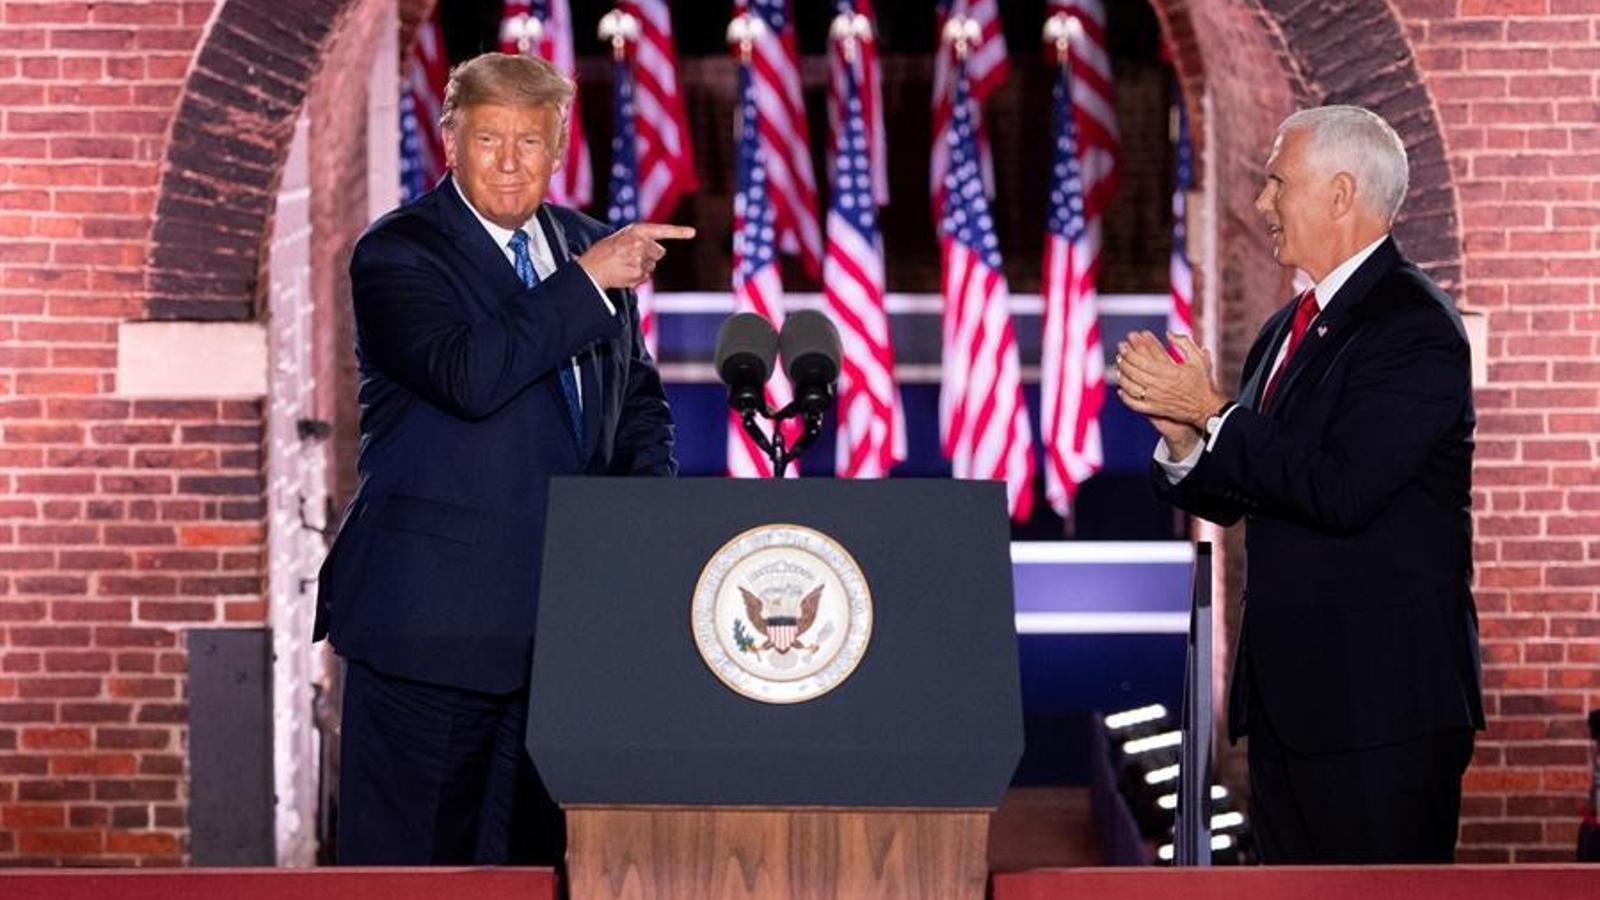 El president dels Estats Units, Donald Trump, assenyala el vicepresident, Mike Pence, després del seu discurs a la convenció del Partit Republicà